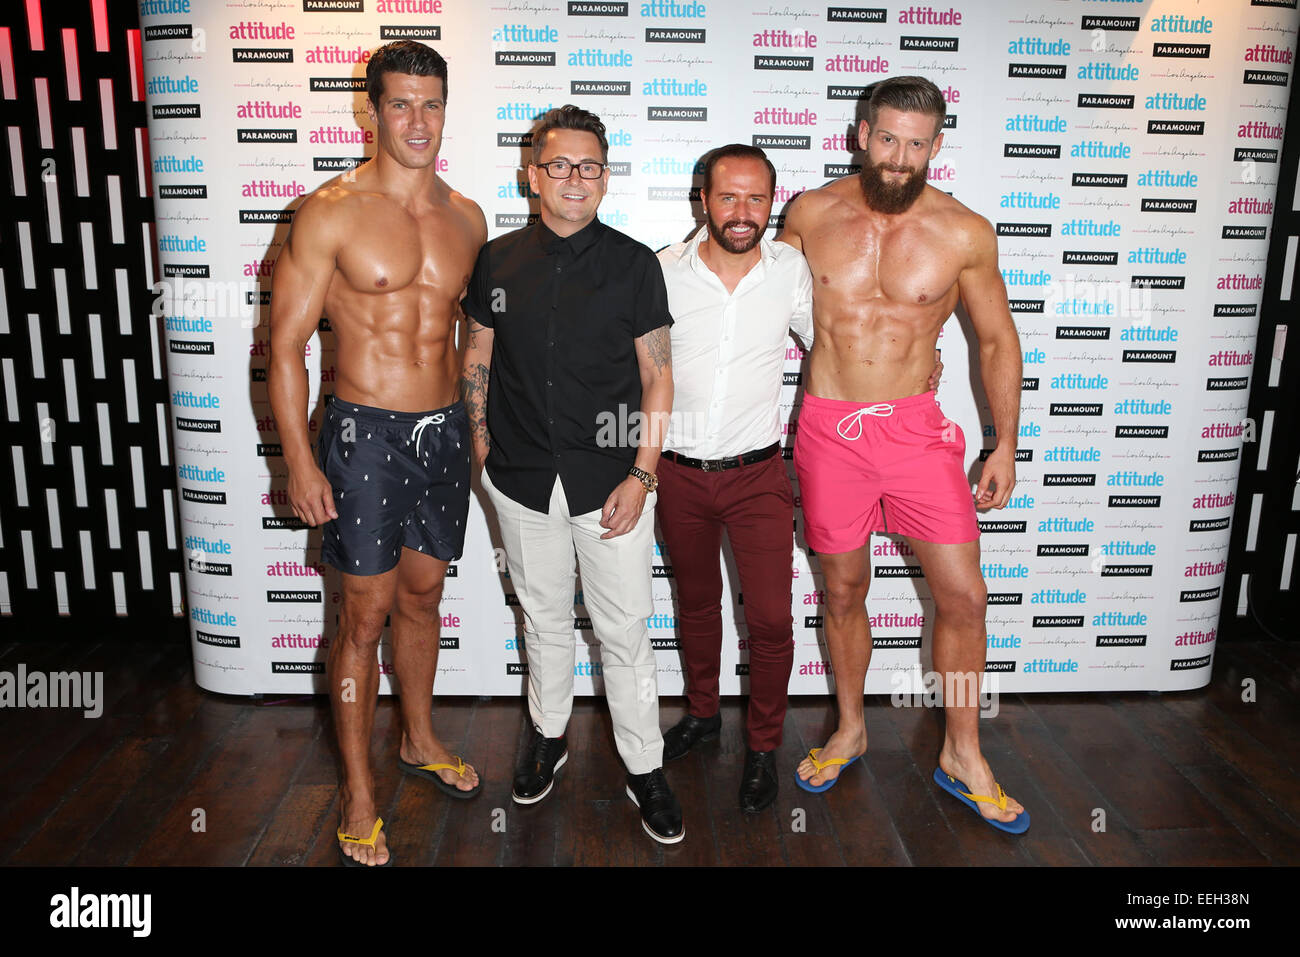 Short gay men